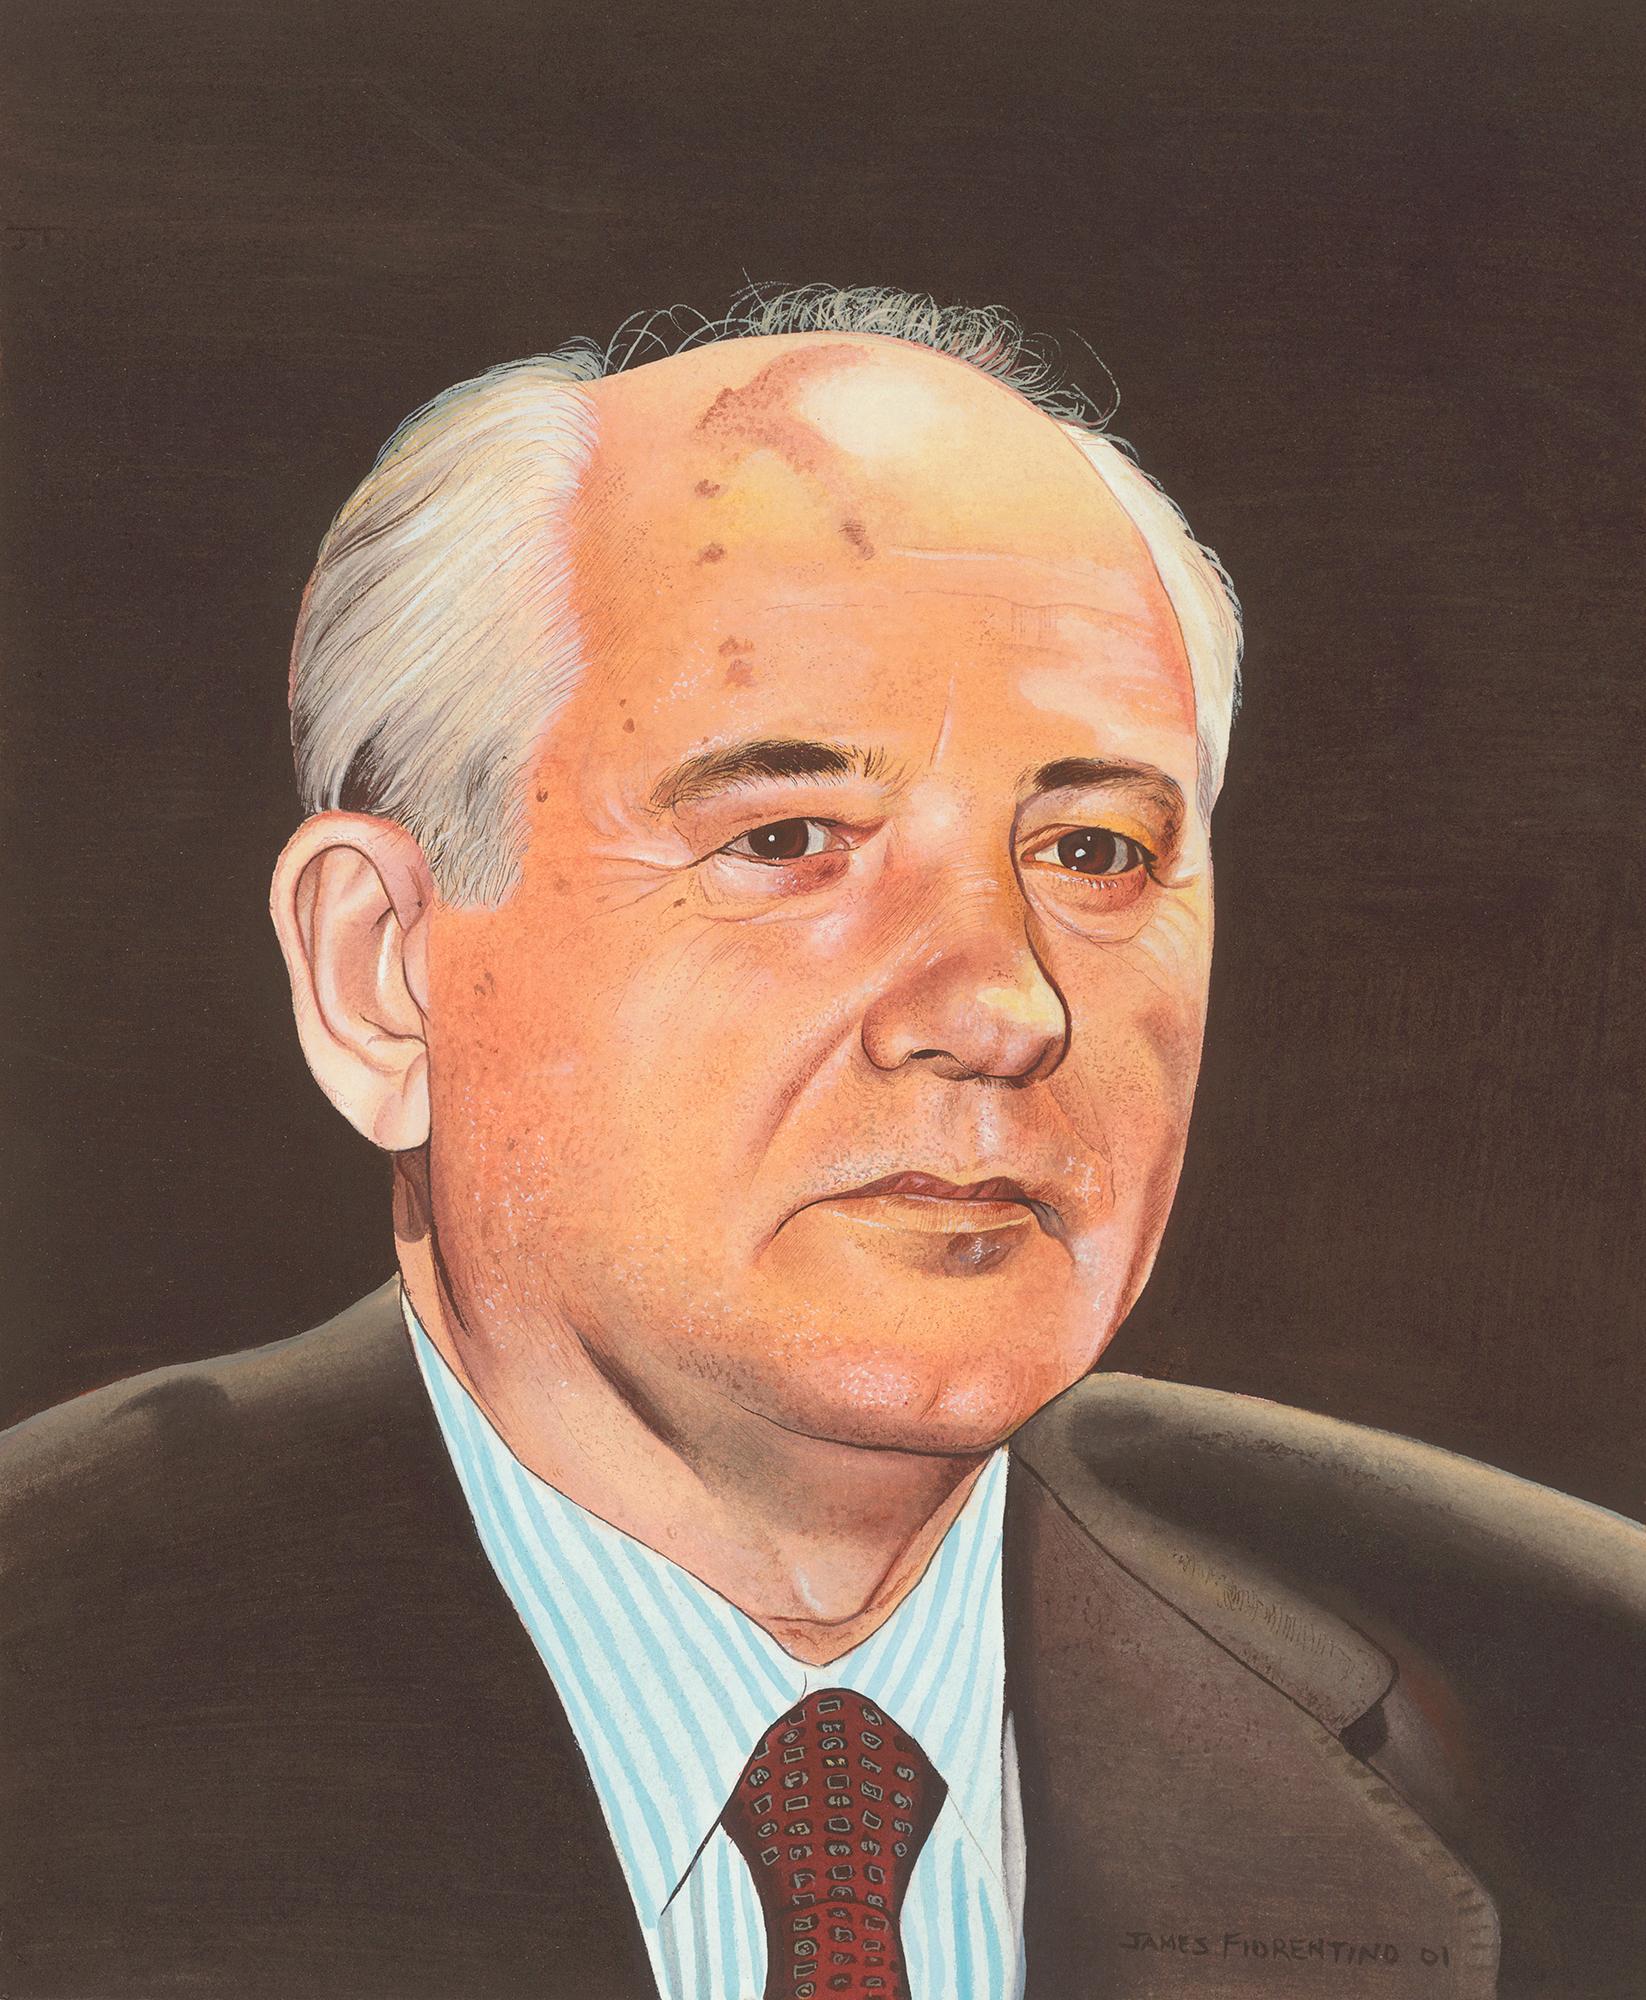 President Gorbachev